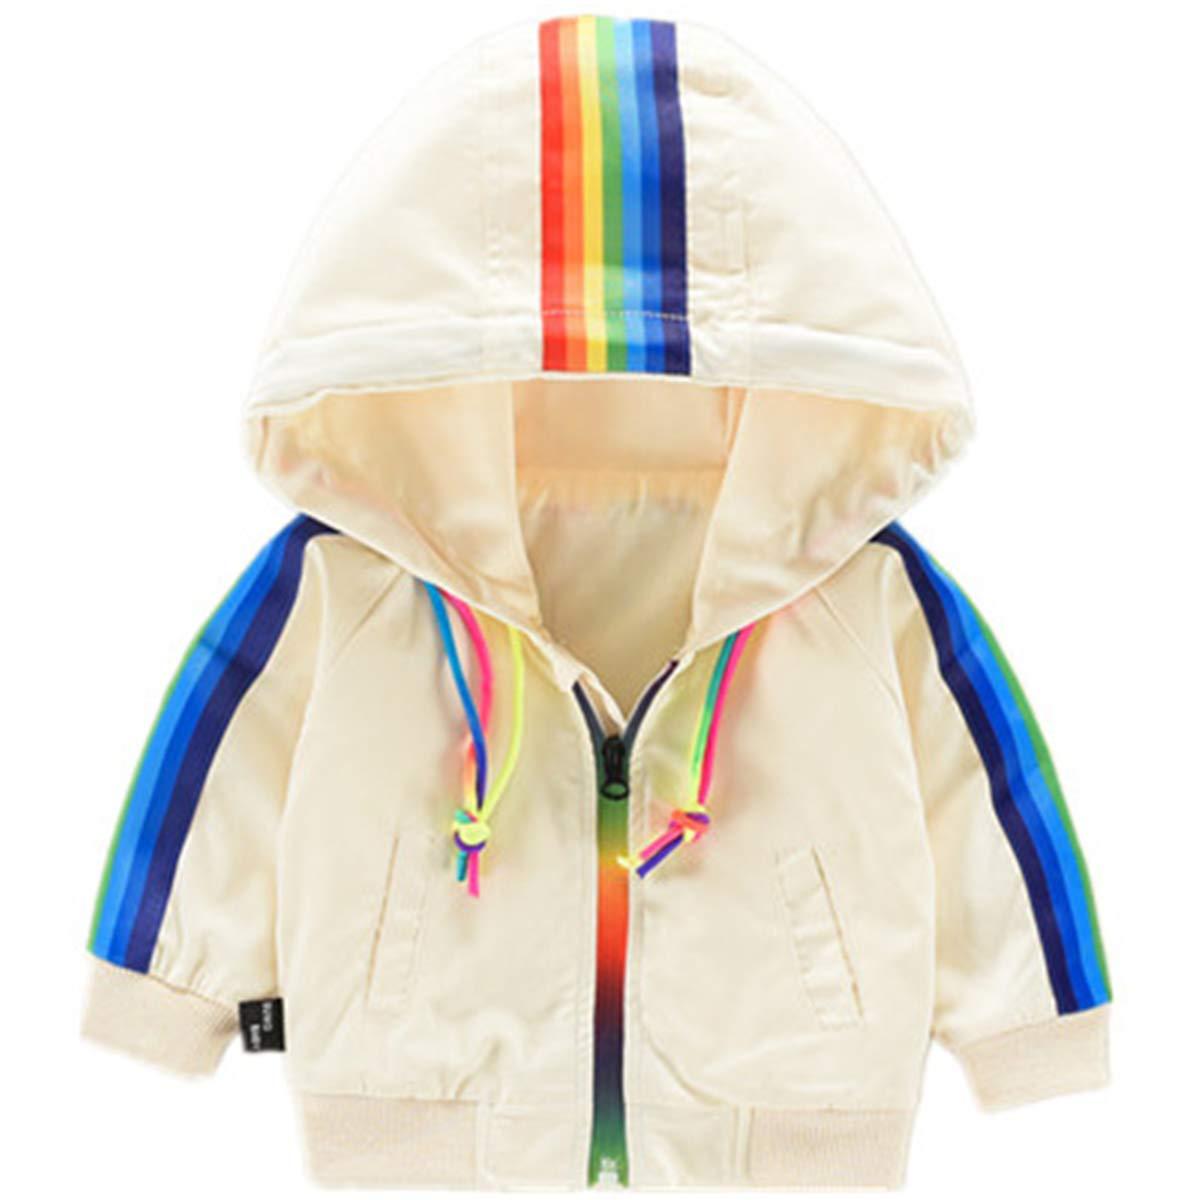 HAOKTY Baby Jungen Winter Warme Jacke Outwear Sweatjacke mit Kapuze